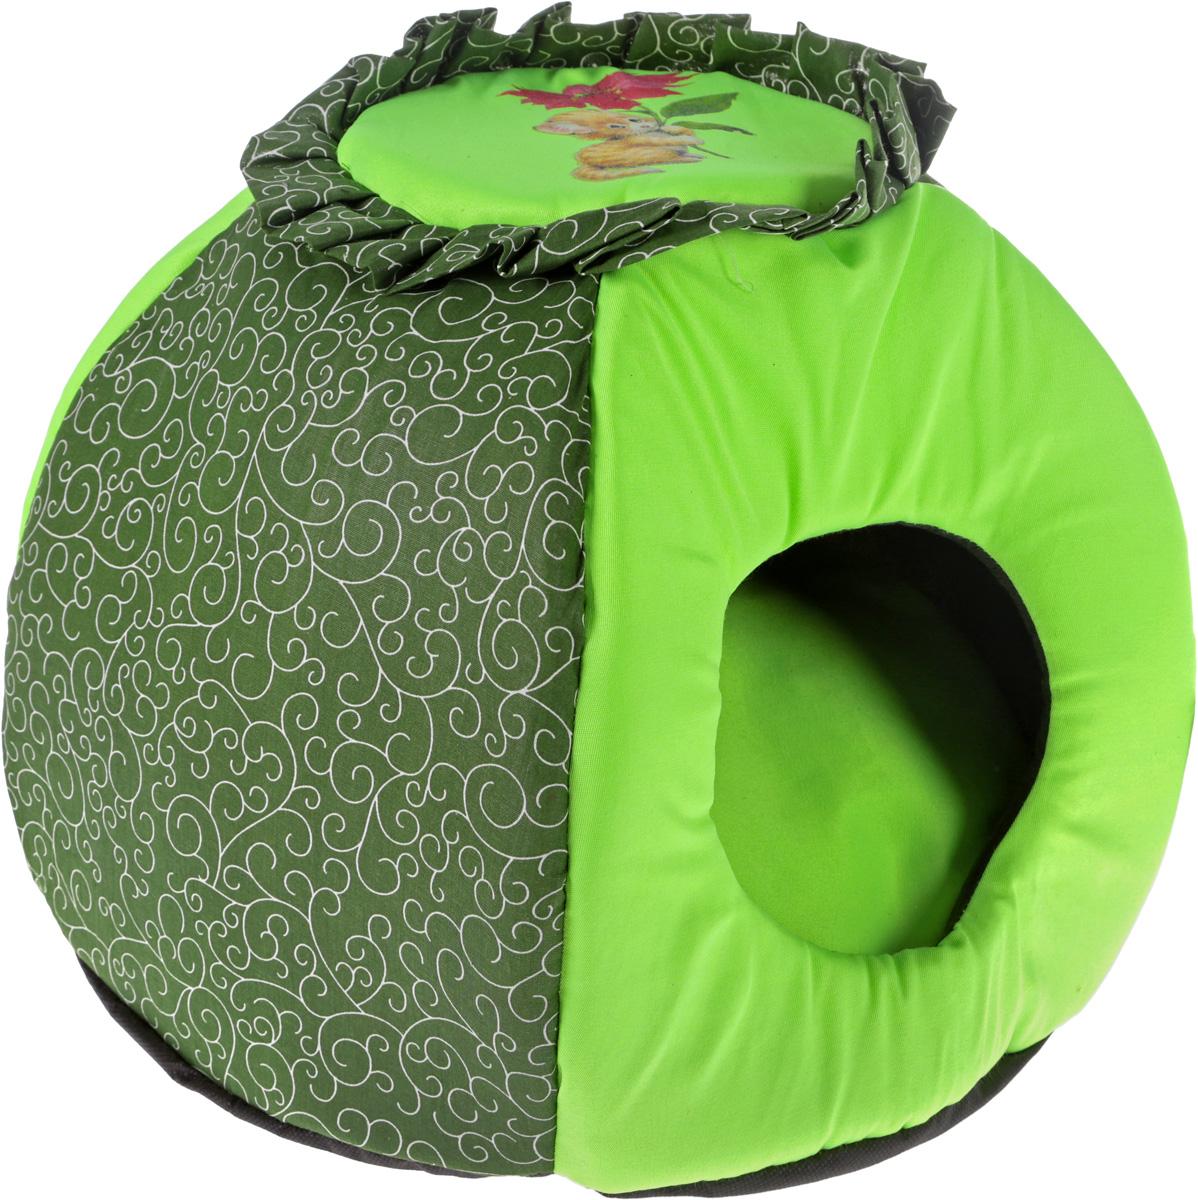 Домик-трансформер для животных GLG  Гнездышко , цвет: салатовый, зеленый 46 х 36 см - Лежаки, домики, спальные места